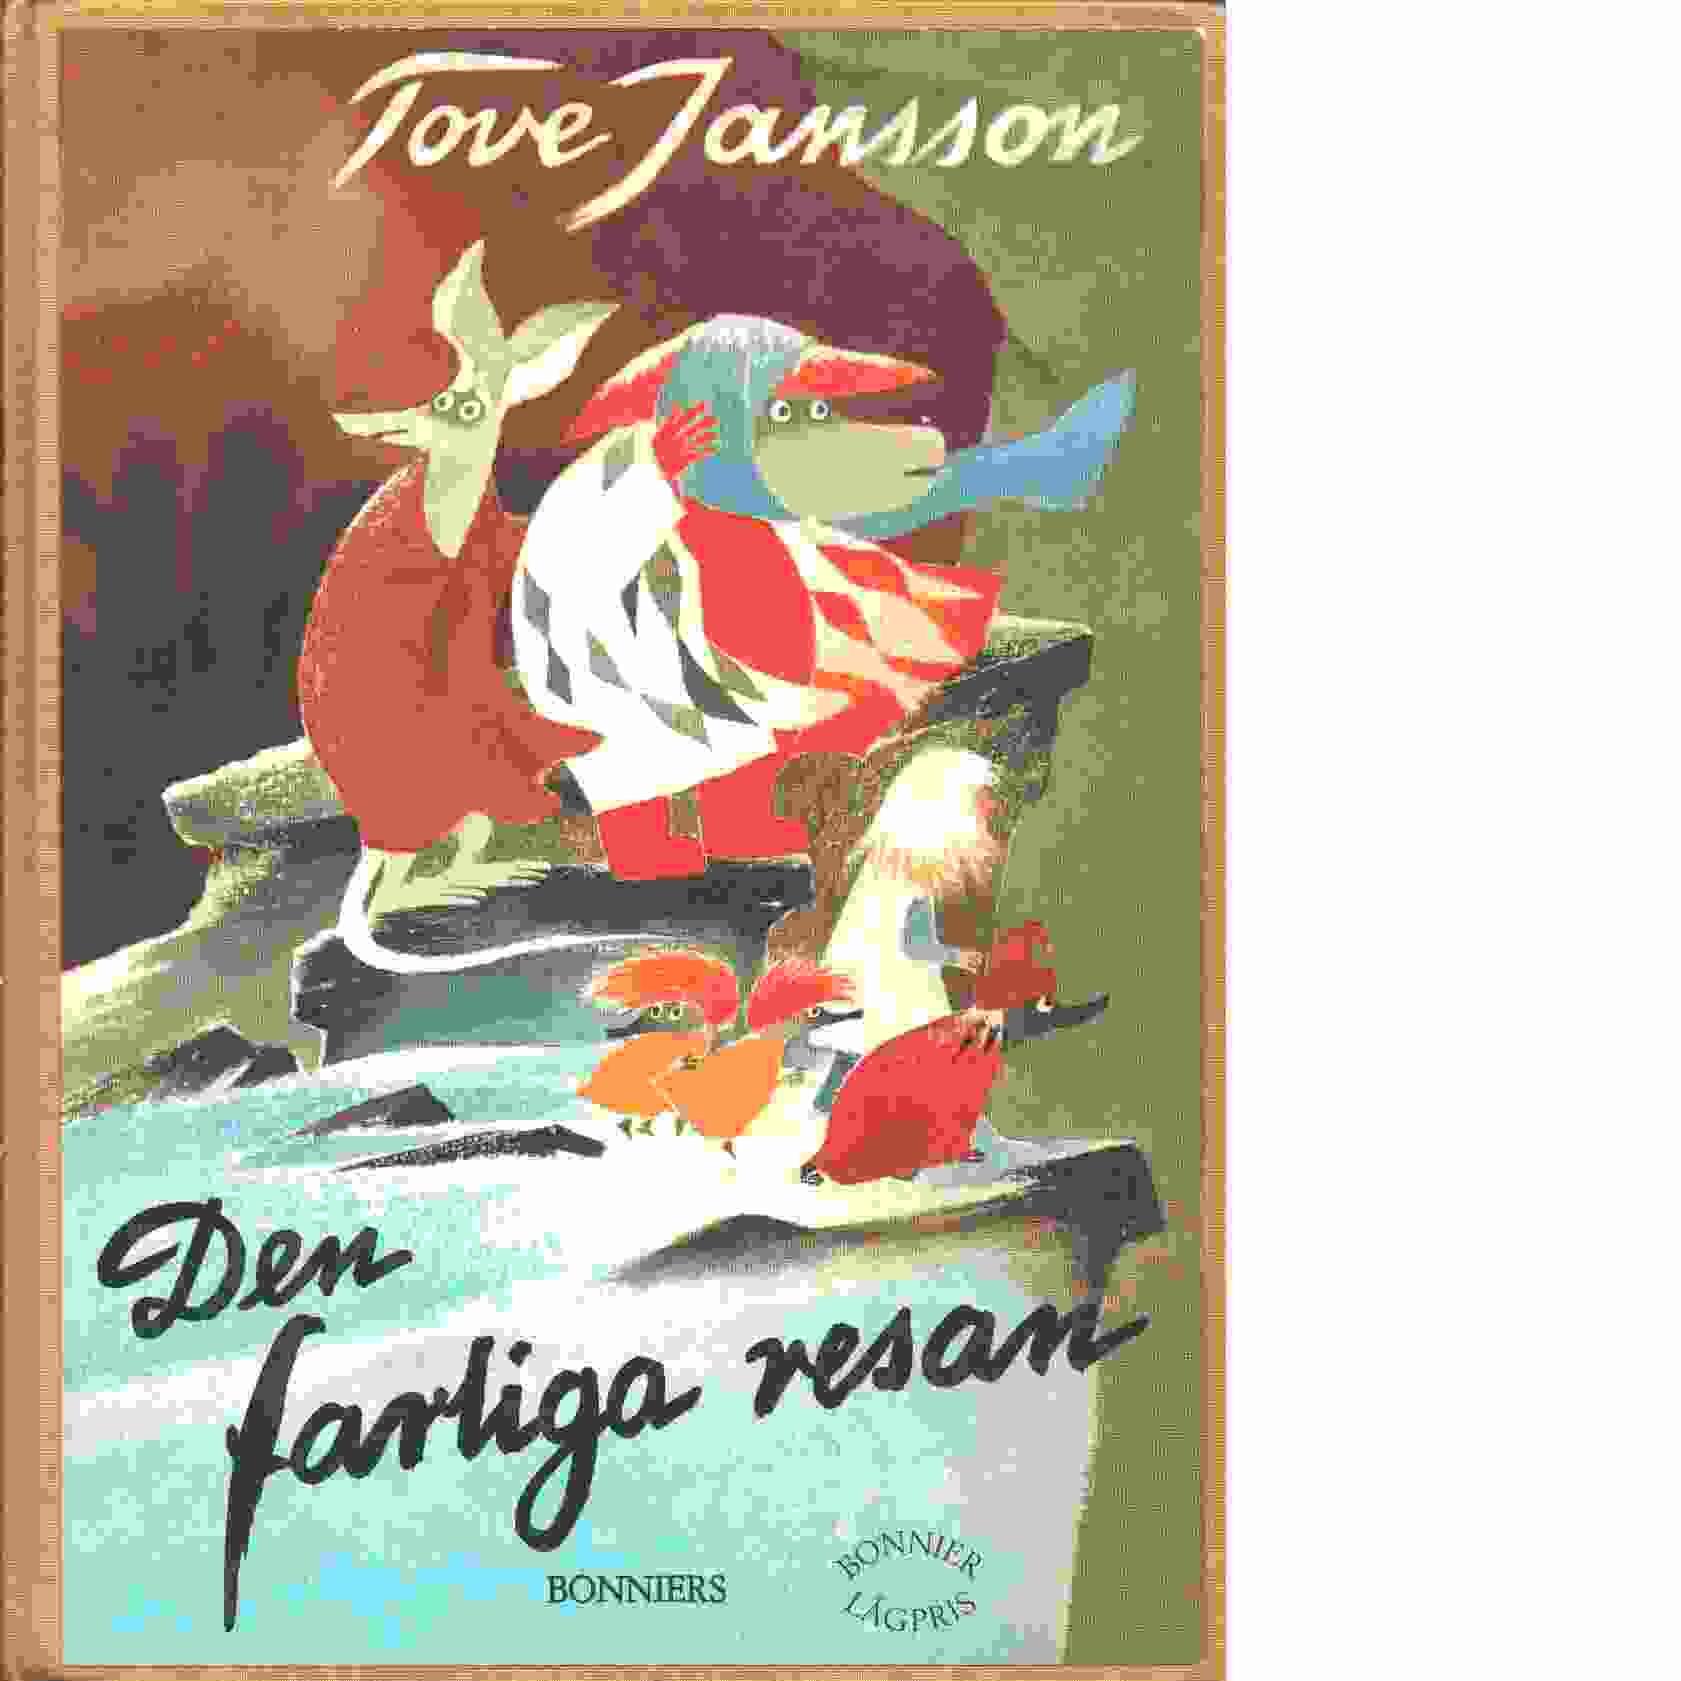 Den farliga resan - Jansson, Tove